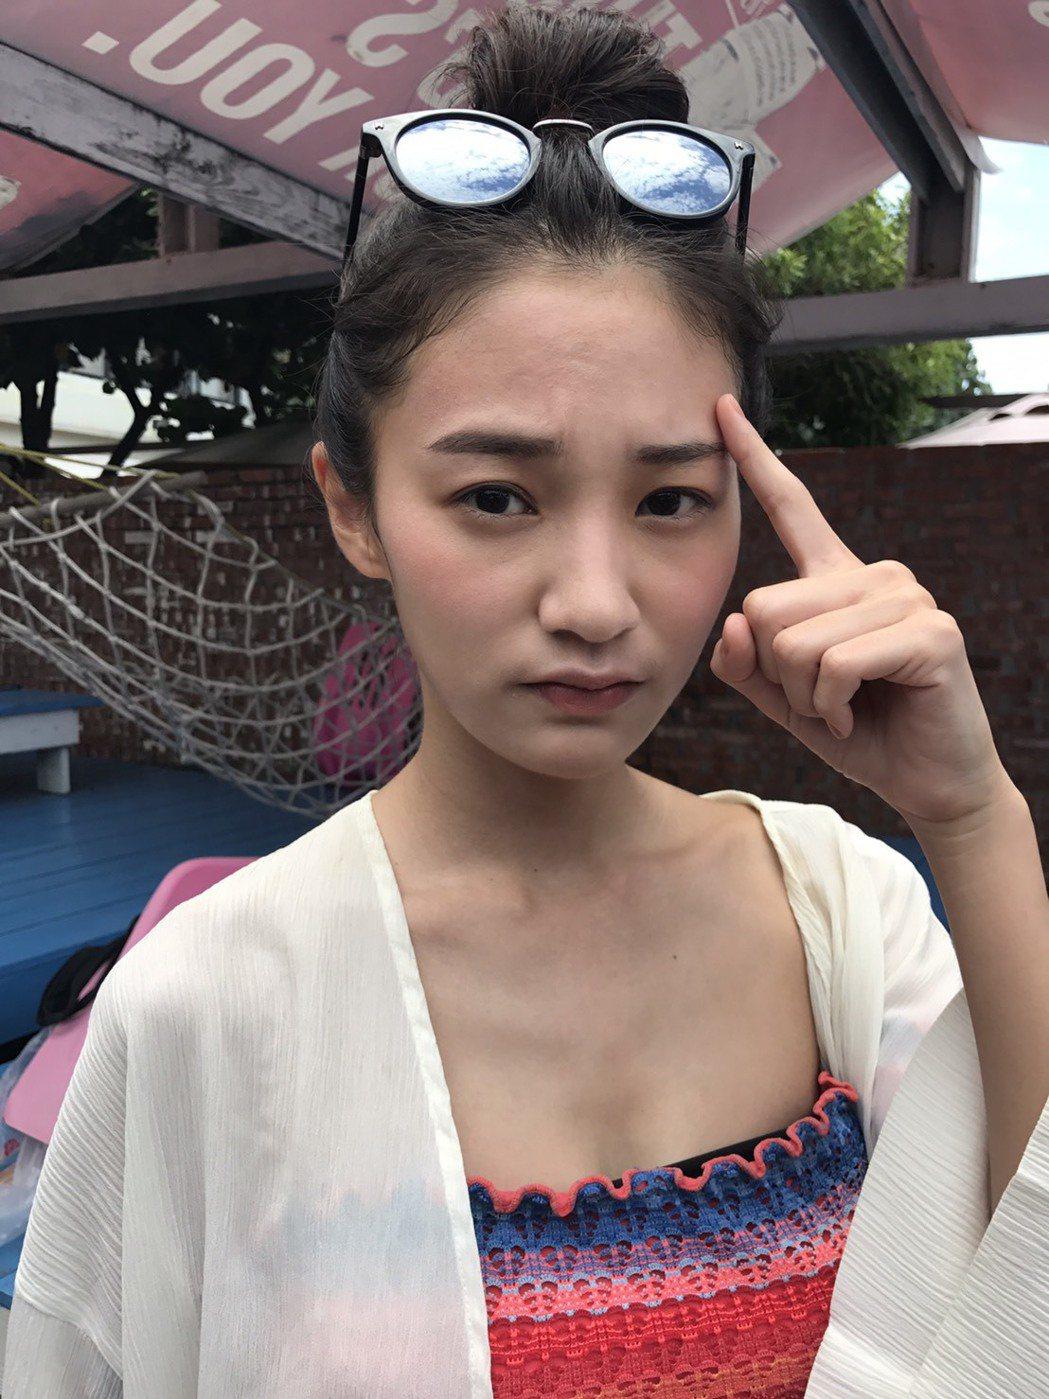 王顗婷用了防曬品,臉部卻大過敏。圖/民視提供